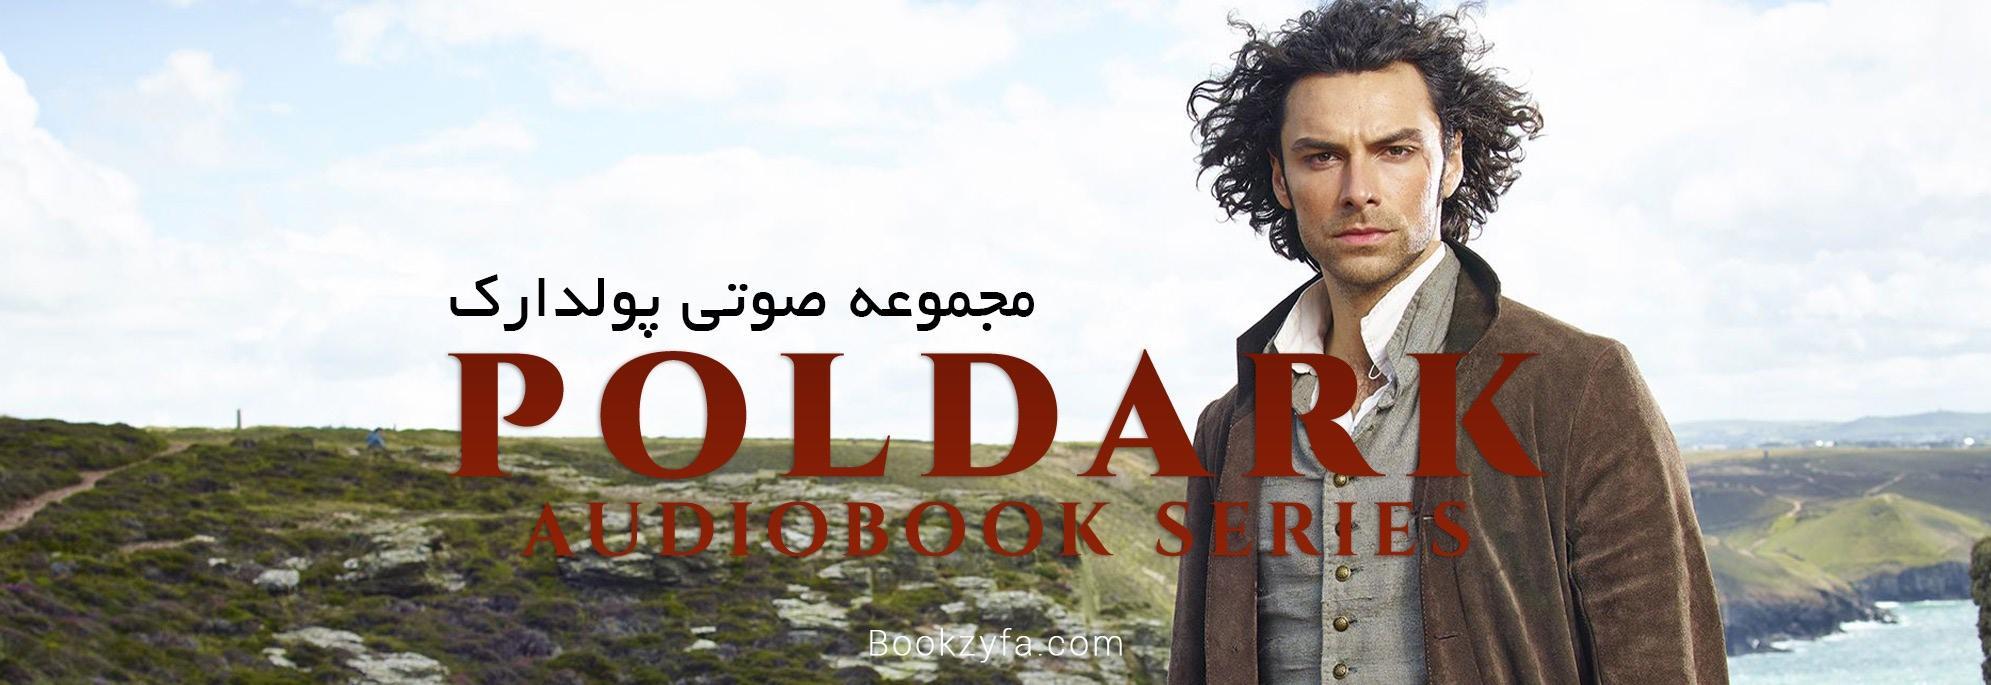 Poldark Audiobook Series